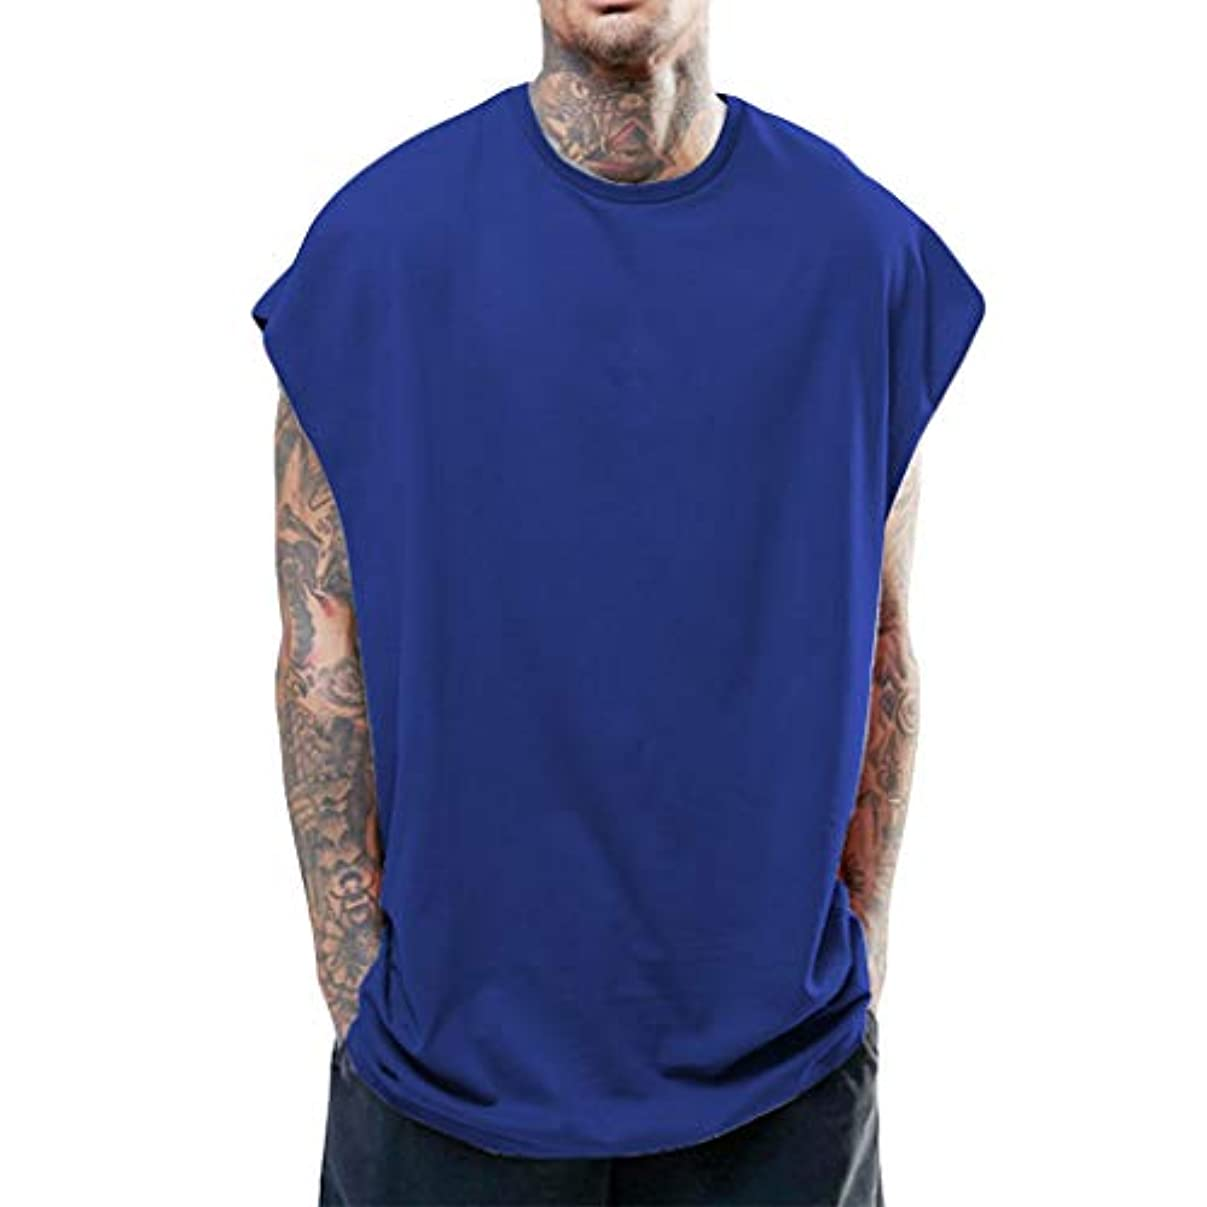 曇った乳ほとんどないタンクトップ メンズ トレーニングウェア ノースリーブ フィットネス スポーツウェア Tシャツ ドライ ノースリーブ 無地 大きいサイズ インナーシャツ ジムウェア 吸汗速乾